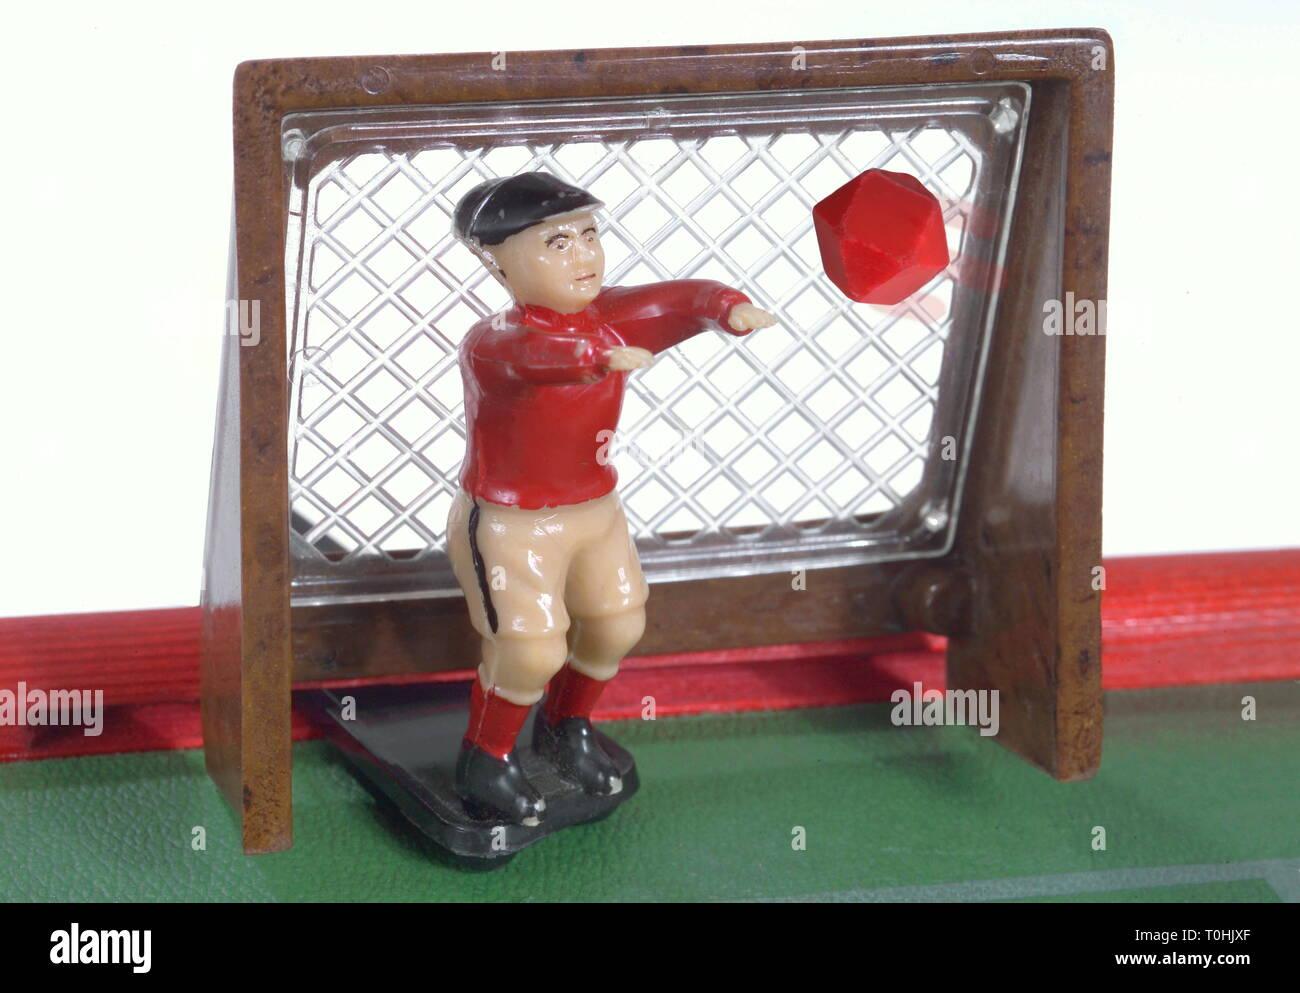 Giocattoli, obiettivo con keeper, realizzato dalla VEB Plastik-Werk Berlino, East-Germany, 1960, Additional-Rights-Clearance-Info-Not-Available Immagini Stock